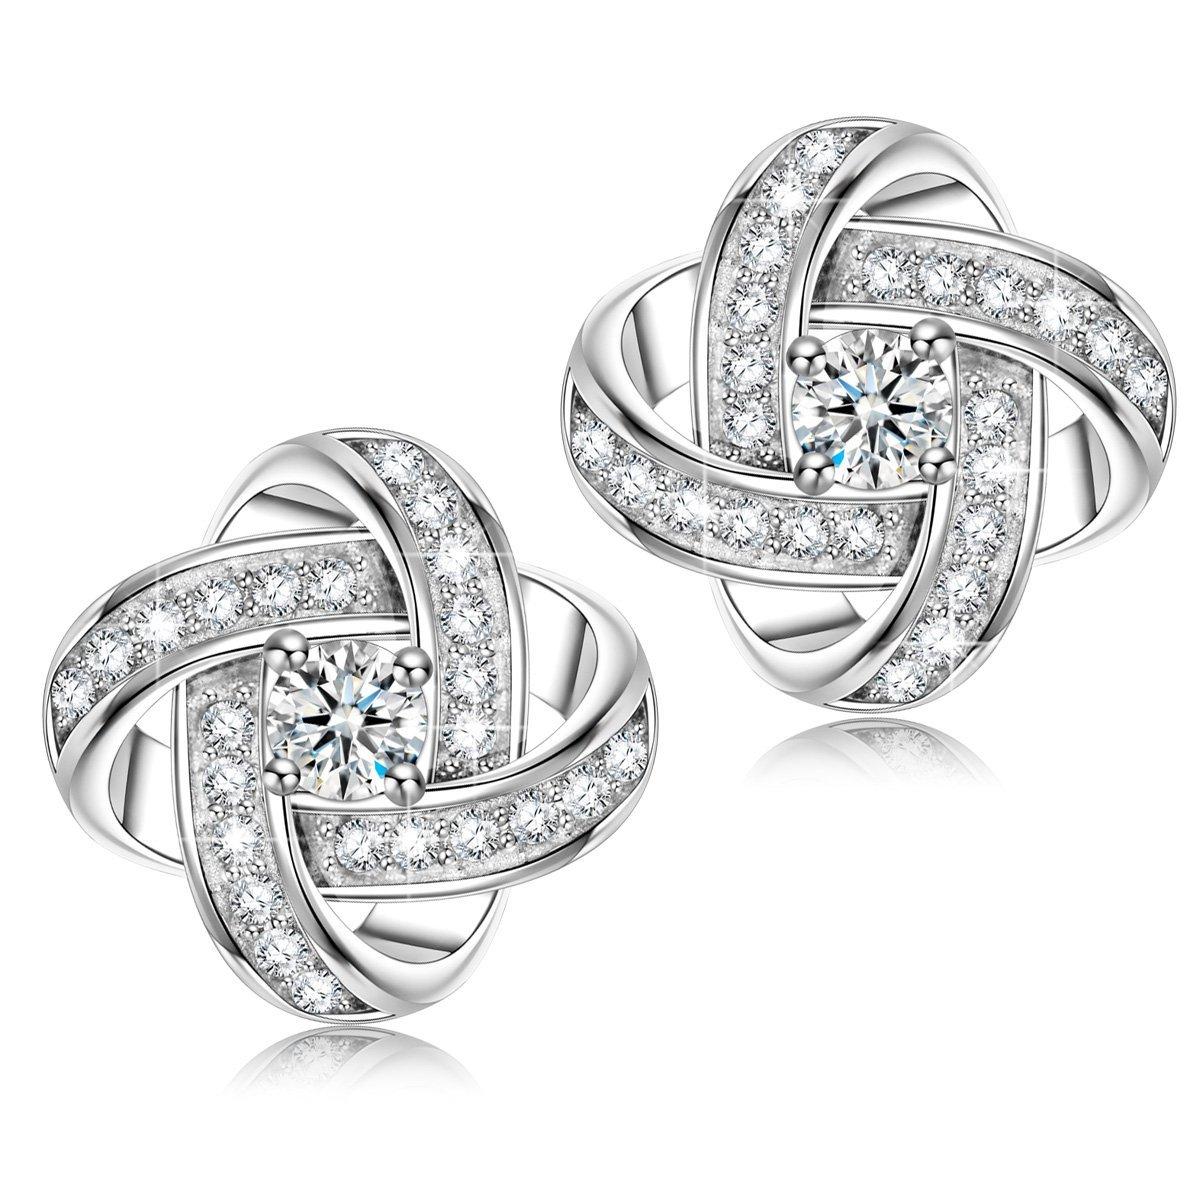 NINASUN Hypoallergenic 925 Sterling Silver 5A CZ Earrings